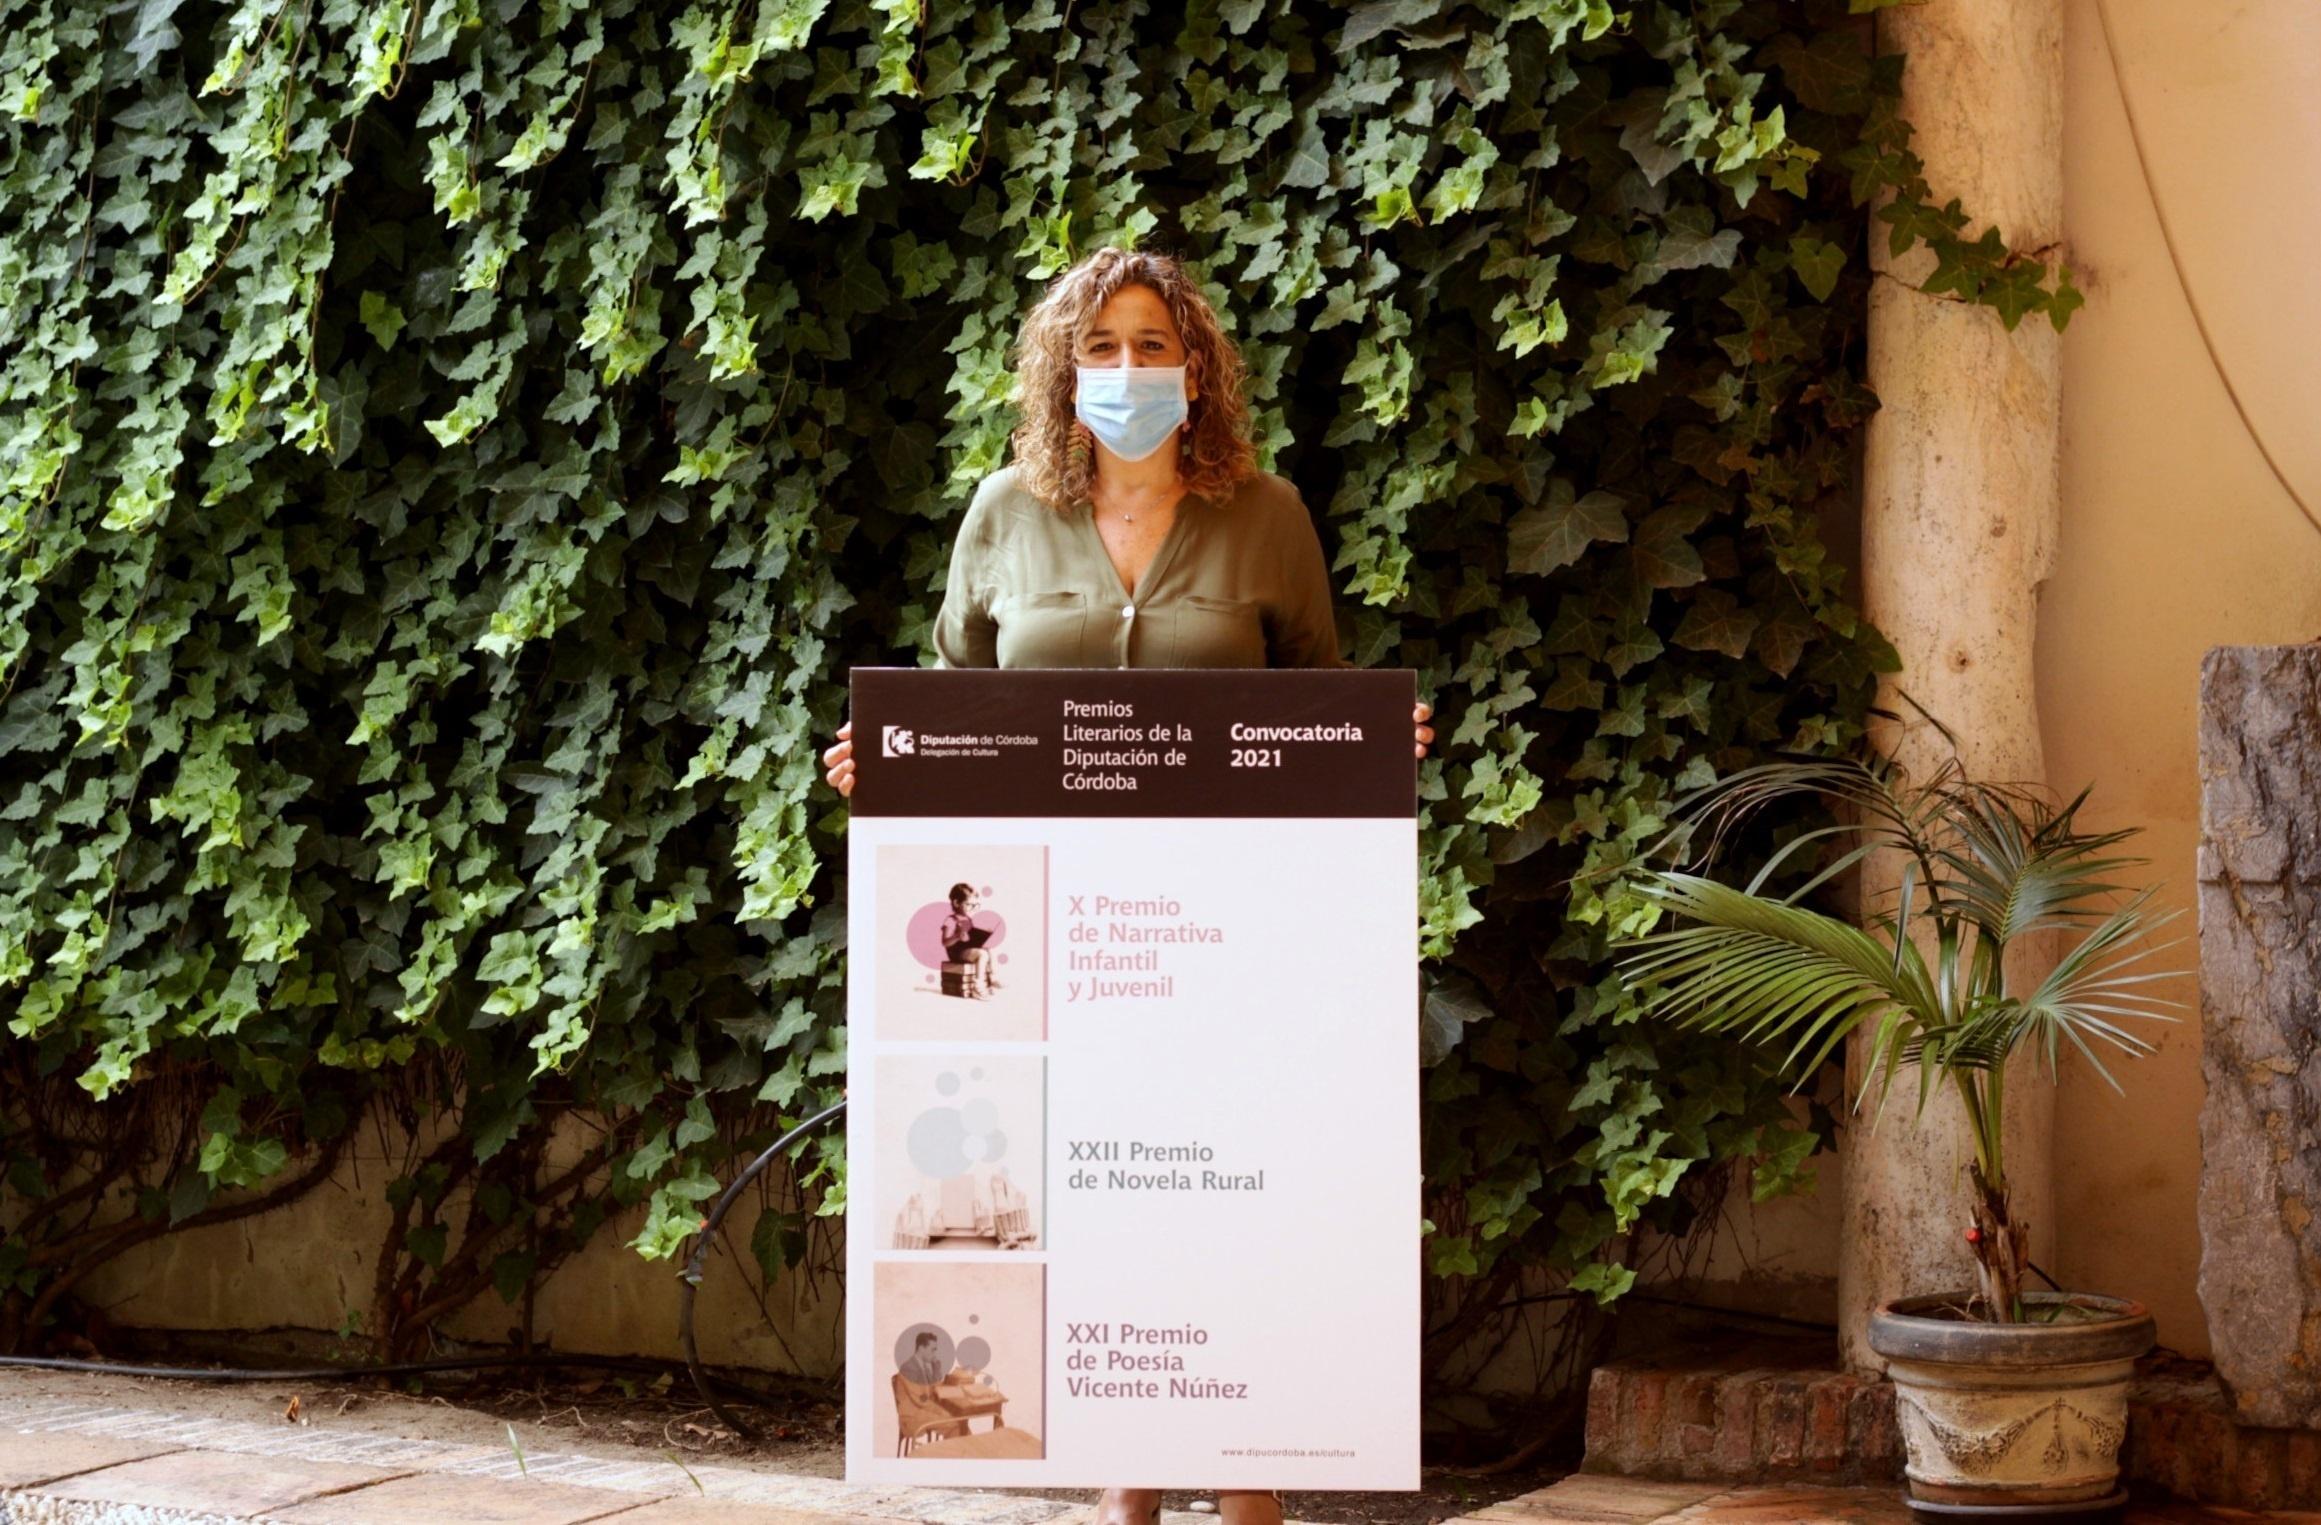 Abierta la convocatoria para participar en los Premios Literarios de la Diputación de Córdoba 2021